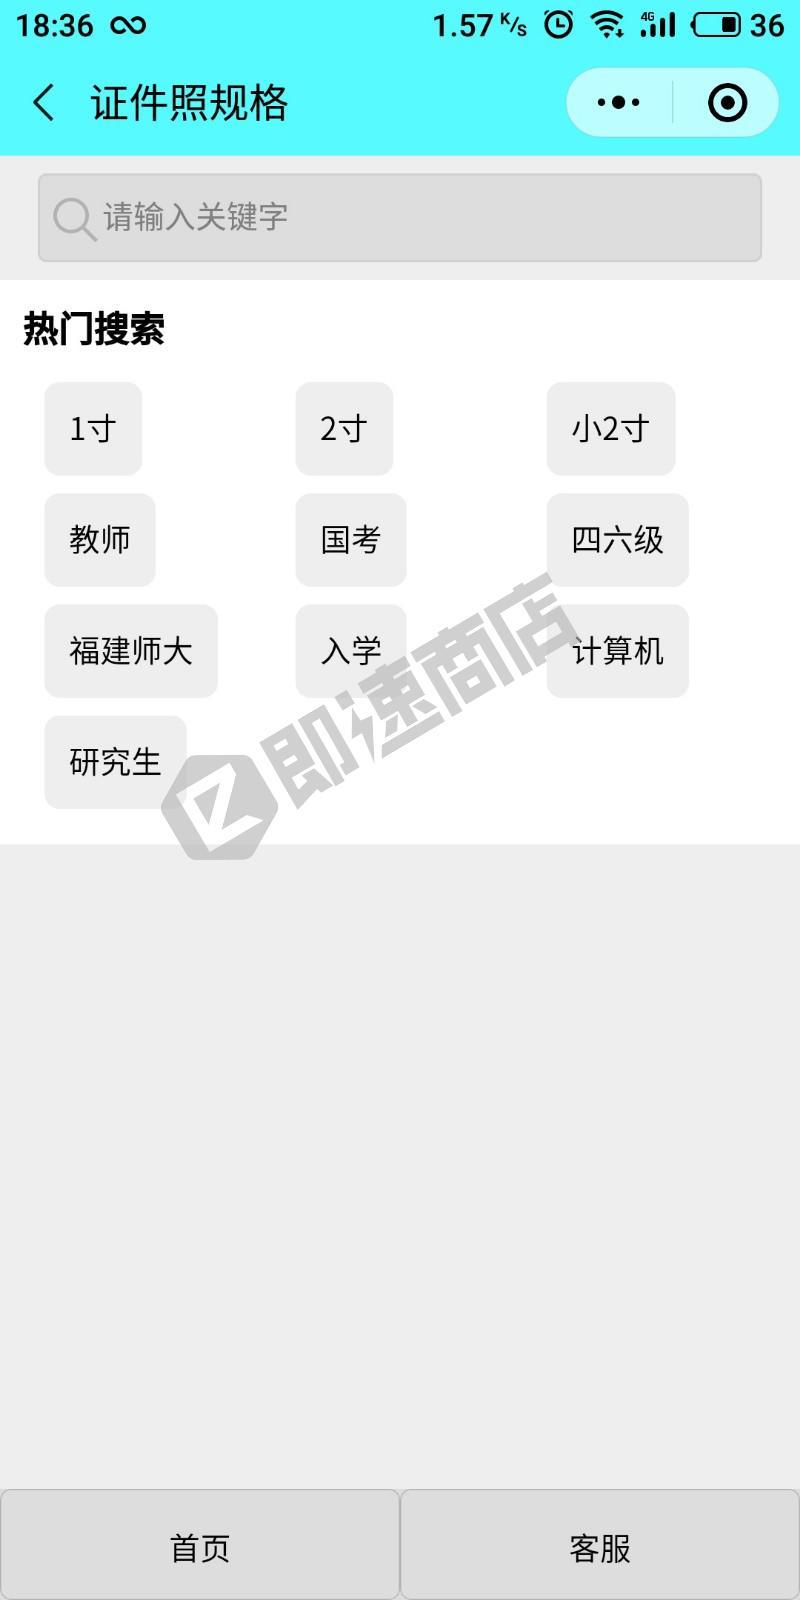 快捷证照小程序列表页截图